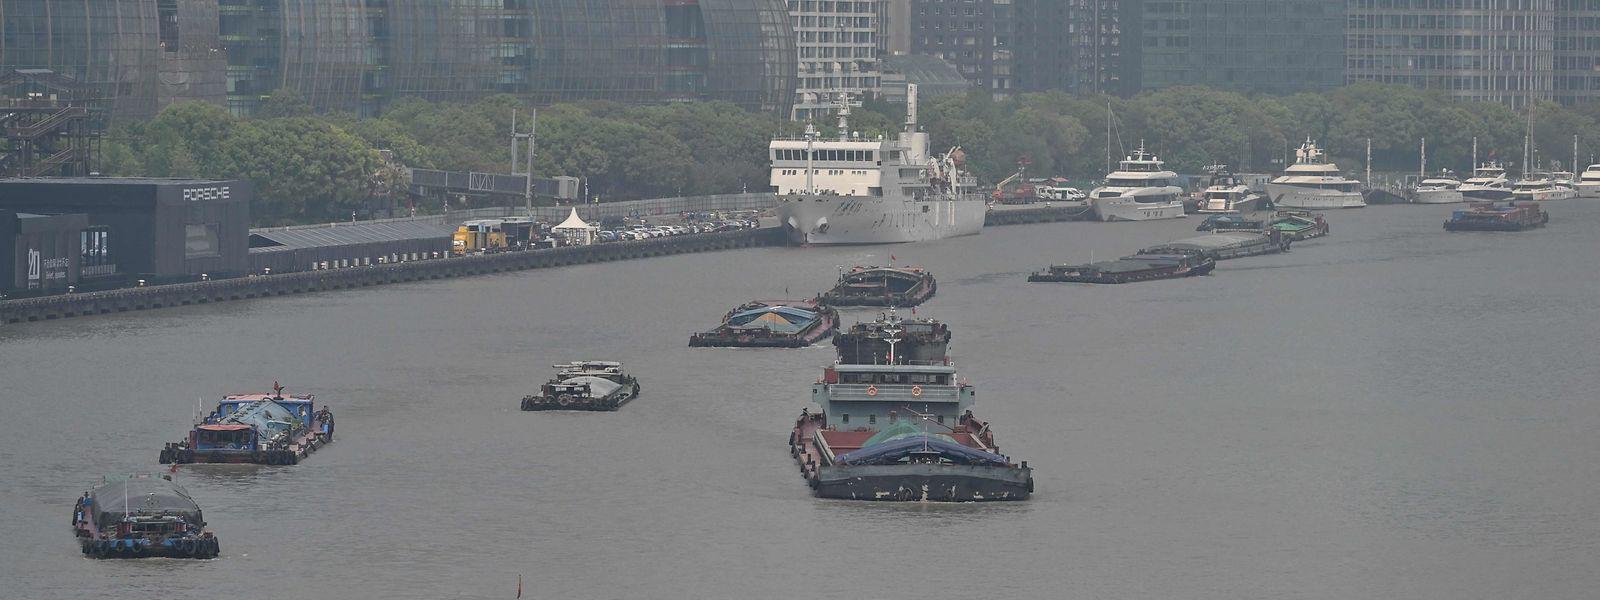 Transportschiffe auf dem Huangpu River in Shanghai. Seit Herbst 2020 funktioniert der wirtschaftliche Alltag in der Volksrepublik bereits ohne gröbere Einschränkungen.